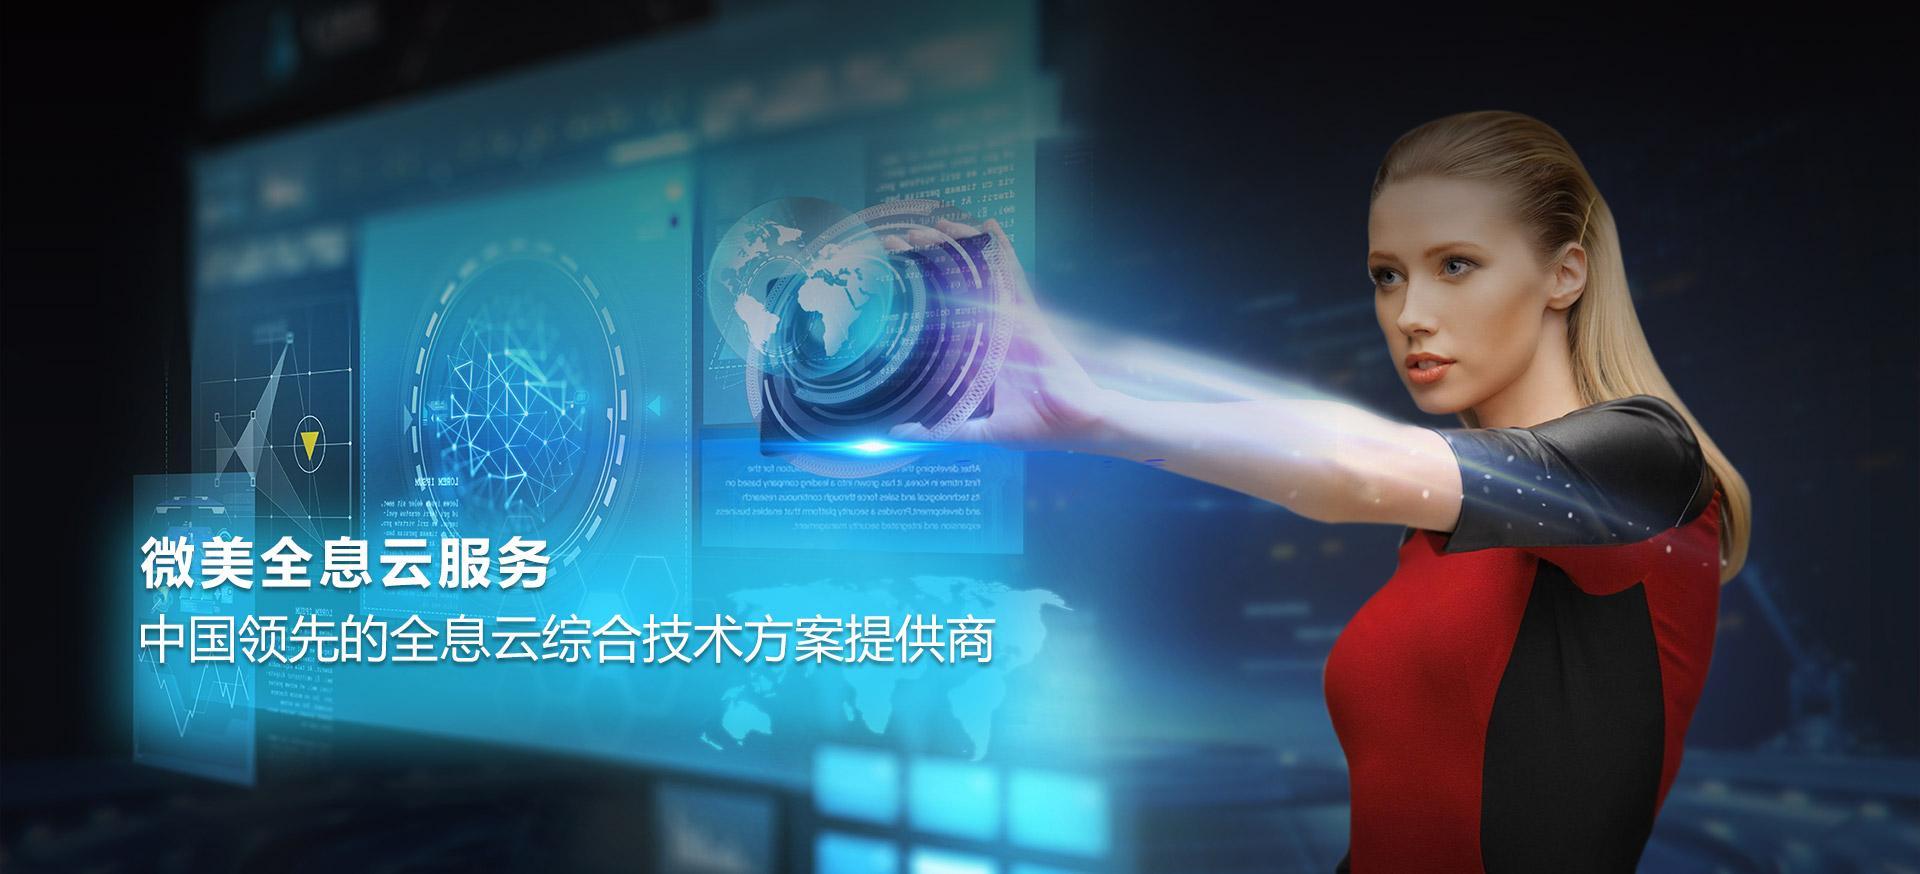 北京全息微美云网络科技有限公司 网站